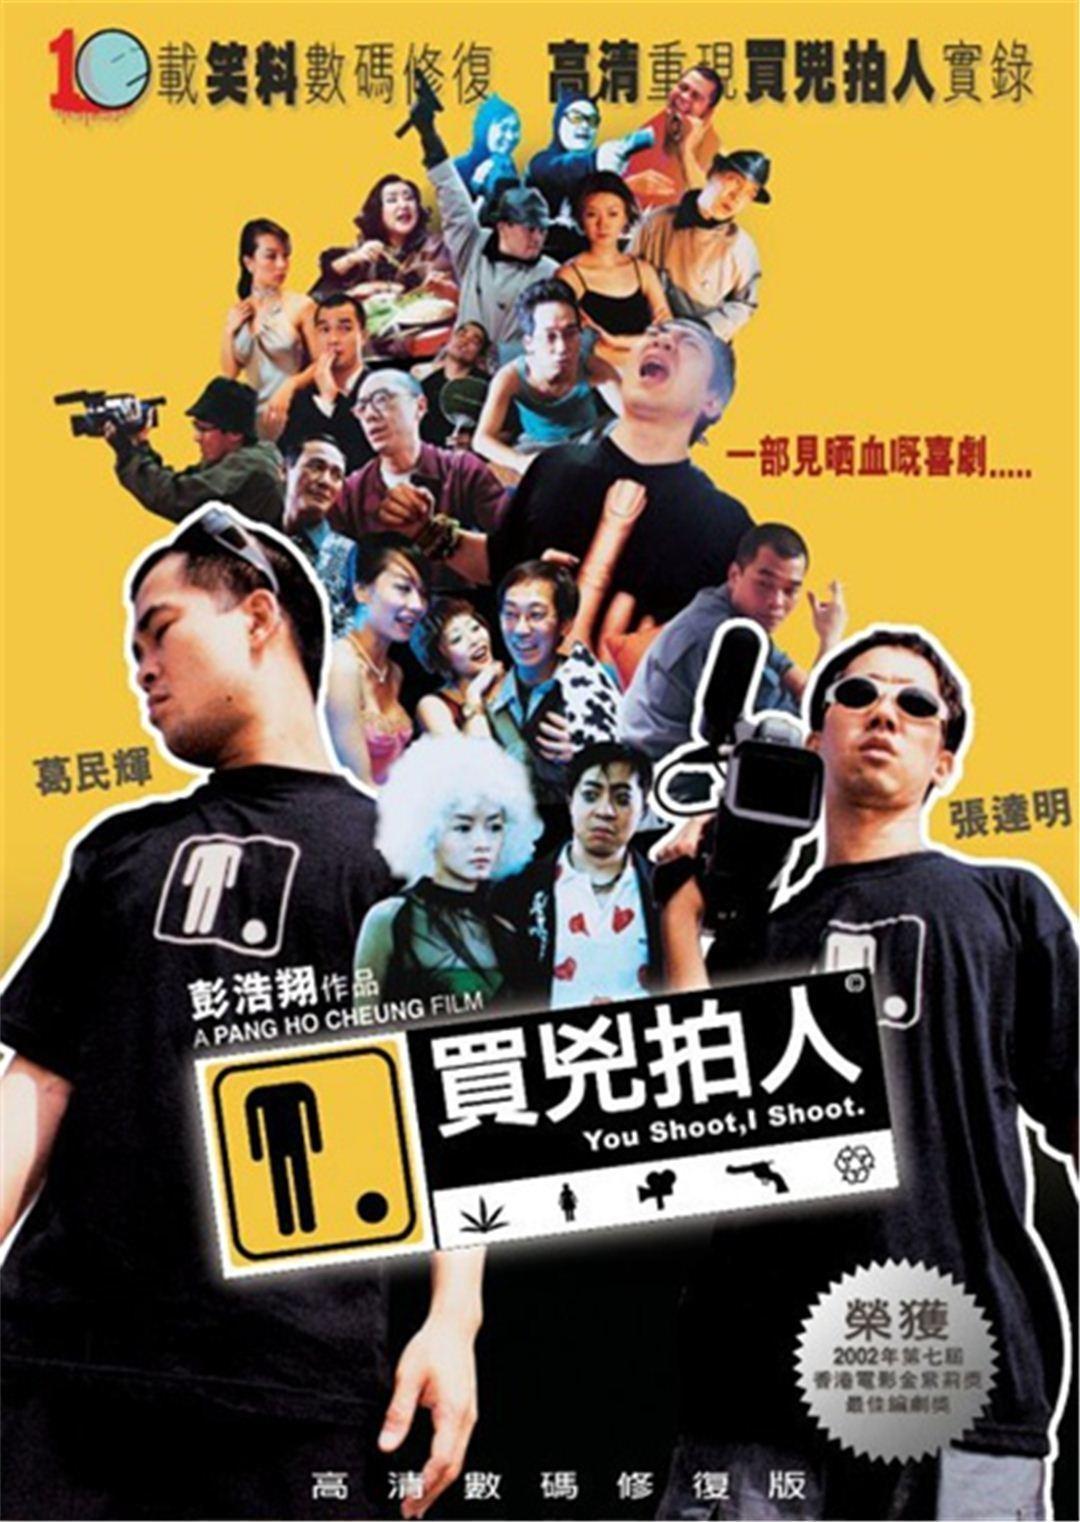 彭浩翔執導的第一部電影《買凶拍人》拍攝預算為400萬港幣。(翻攝自huabanyy.com)